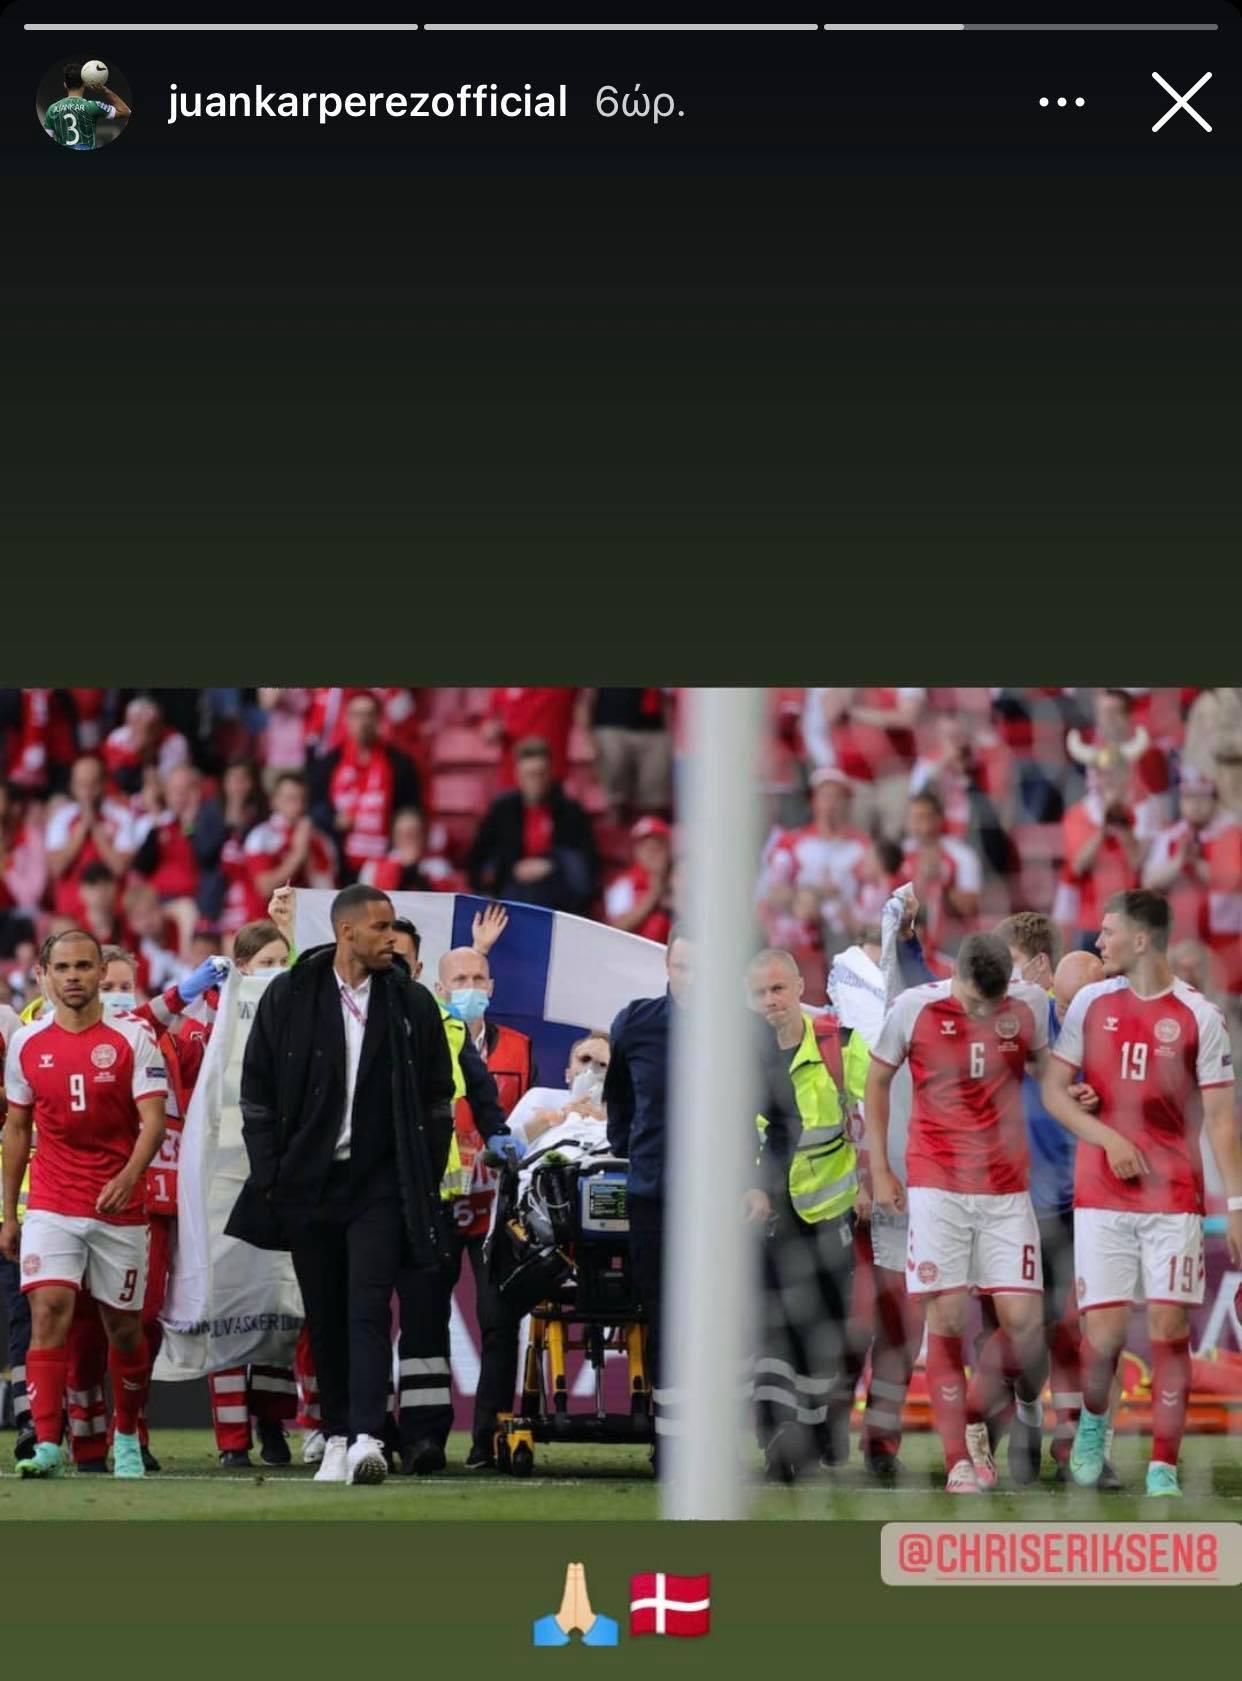 Προσεύχονται οι παίκτες του Παναθηναϊκού για τον Έρικσεν (pics)